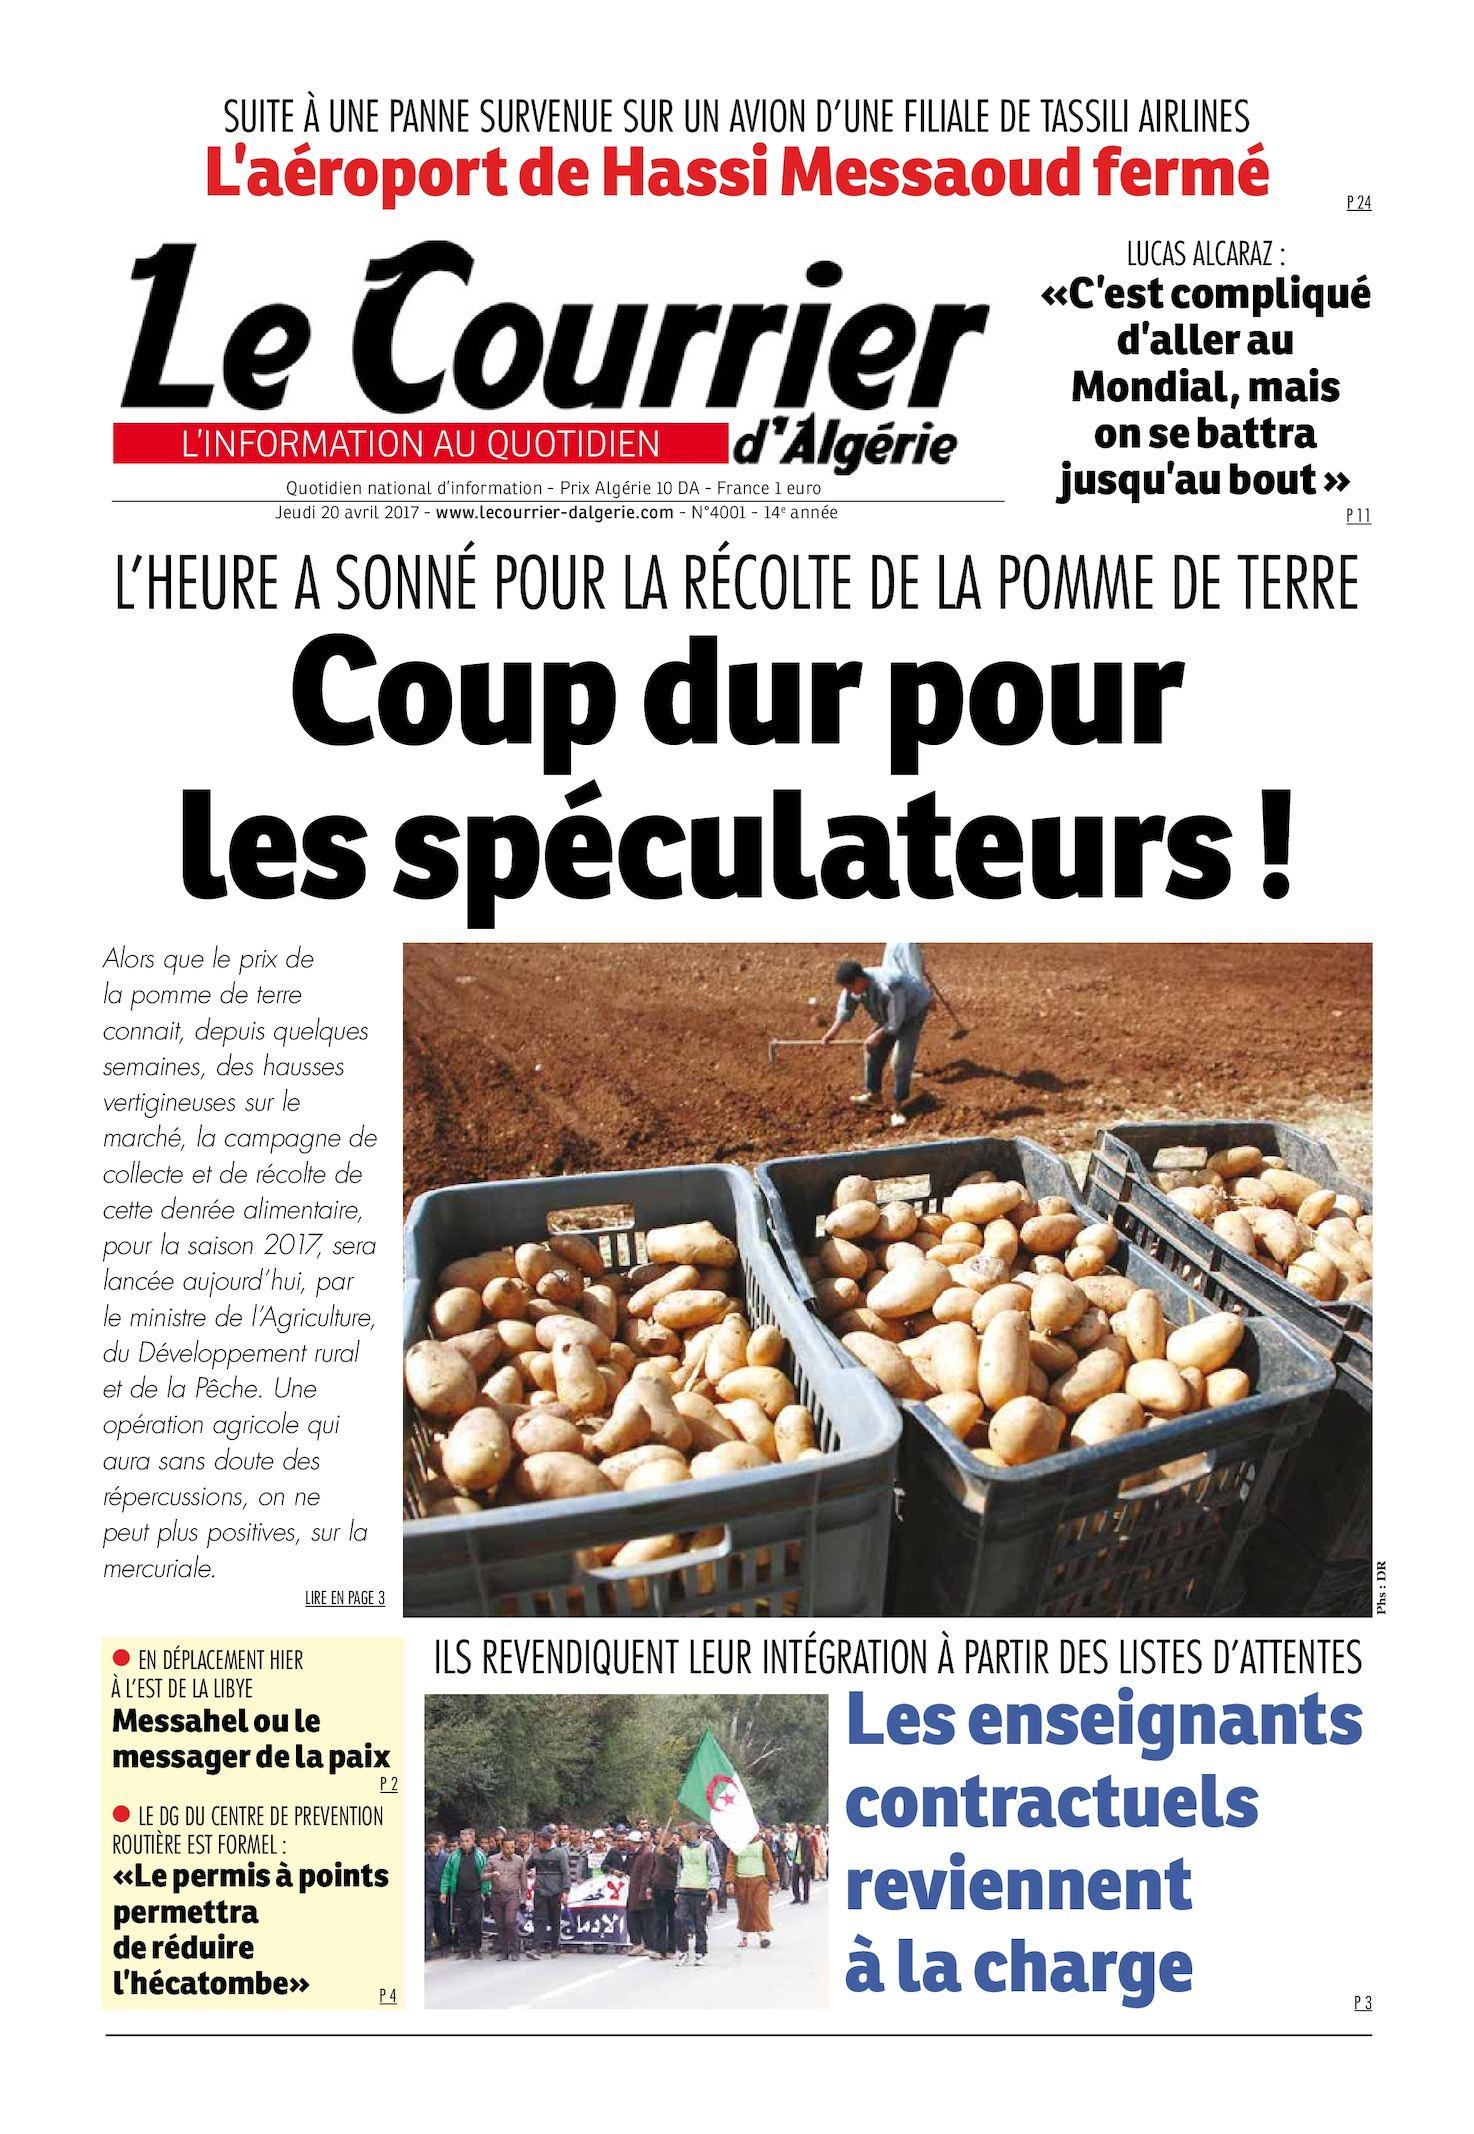 Avril Courrier Le Jeudi 2017 Calaméo 20 Du D'algérie HDIE92